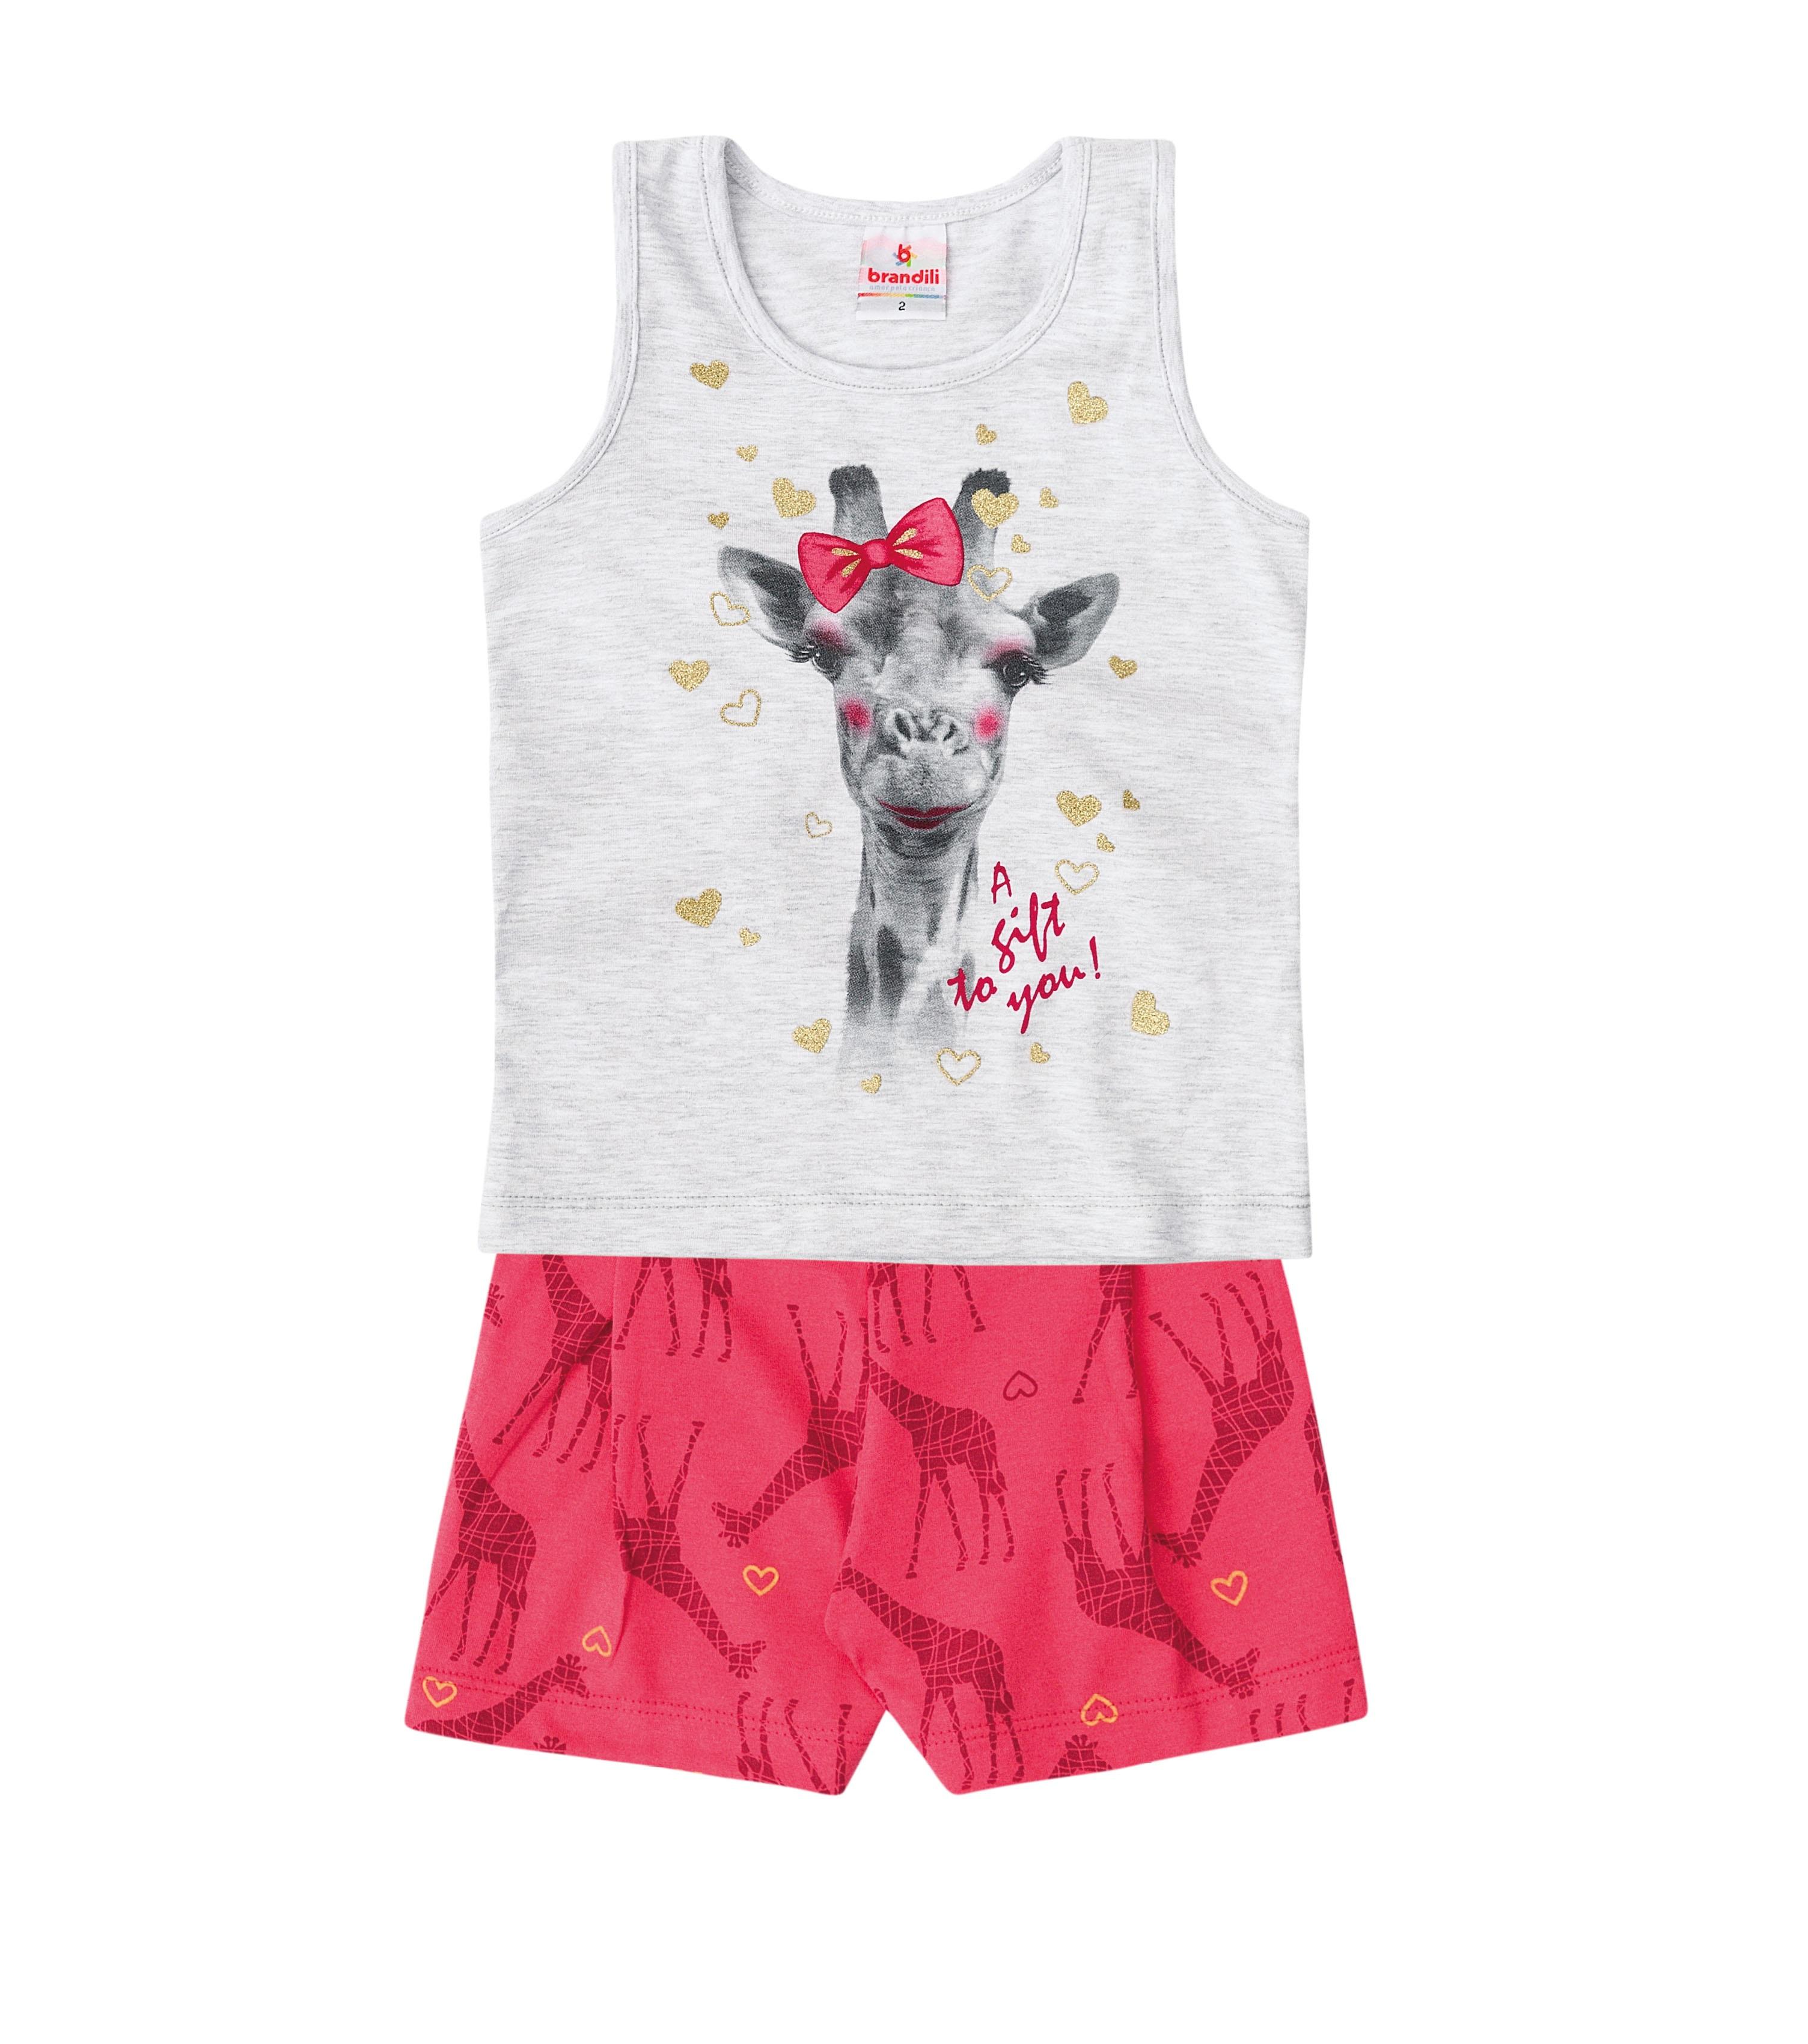 697d3f523f Conjunto 2 Pçs Girafa Menina - Brandili - Seu Stillo Kids